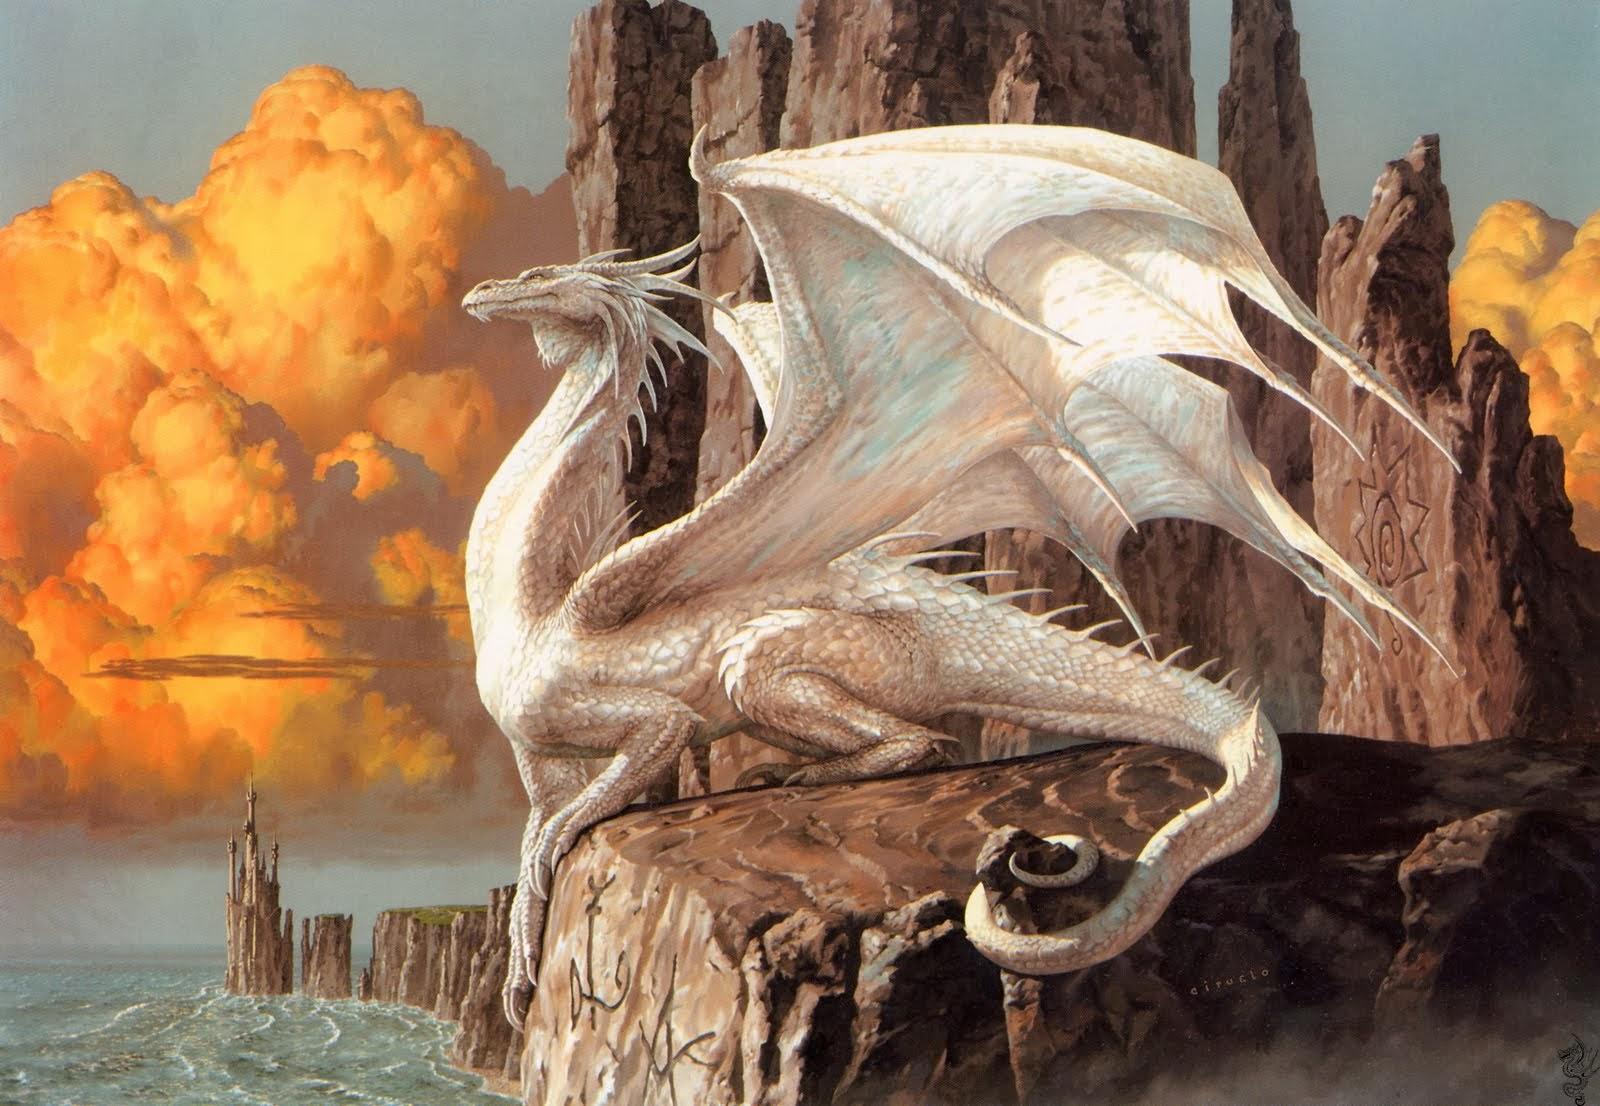 Resultado de imagen de Imaginamos la existencia de mundos fantásticos